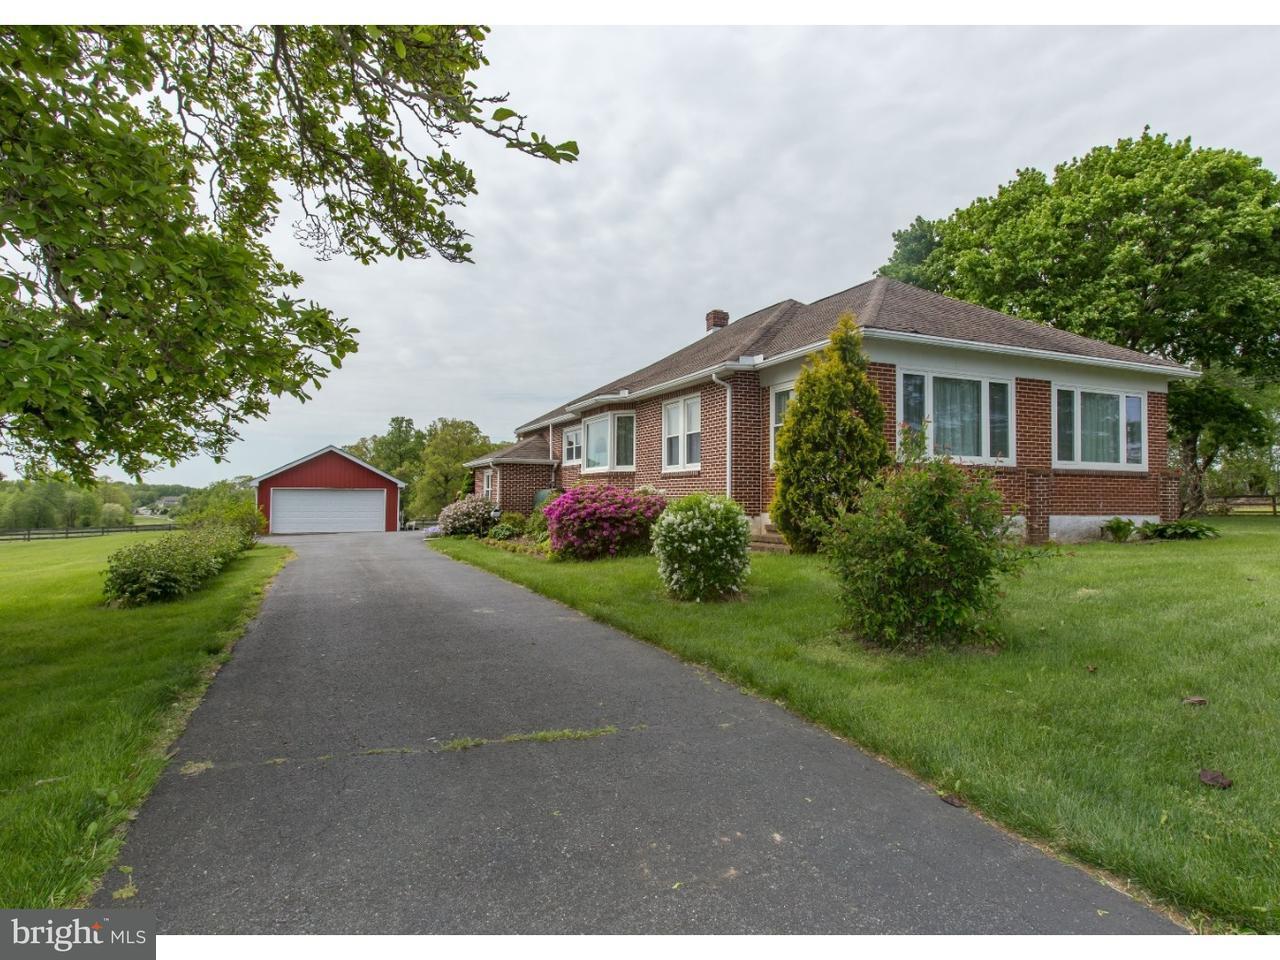 独户住宅 为 销售 在 1691 NEW LONDON Road 兰登伯格, 宾夕法尼亚州 19350 美国